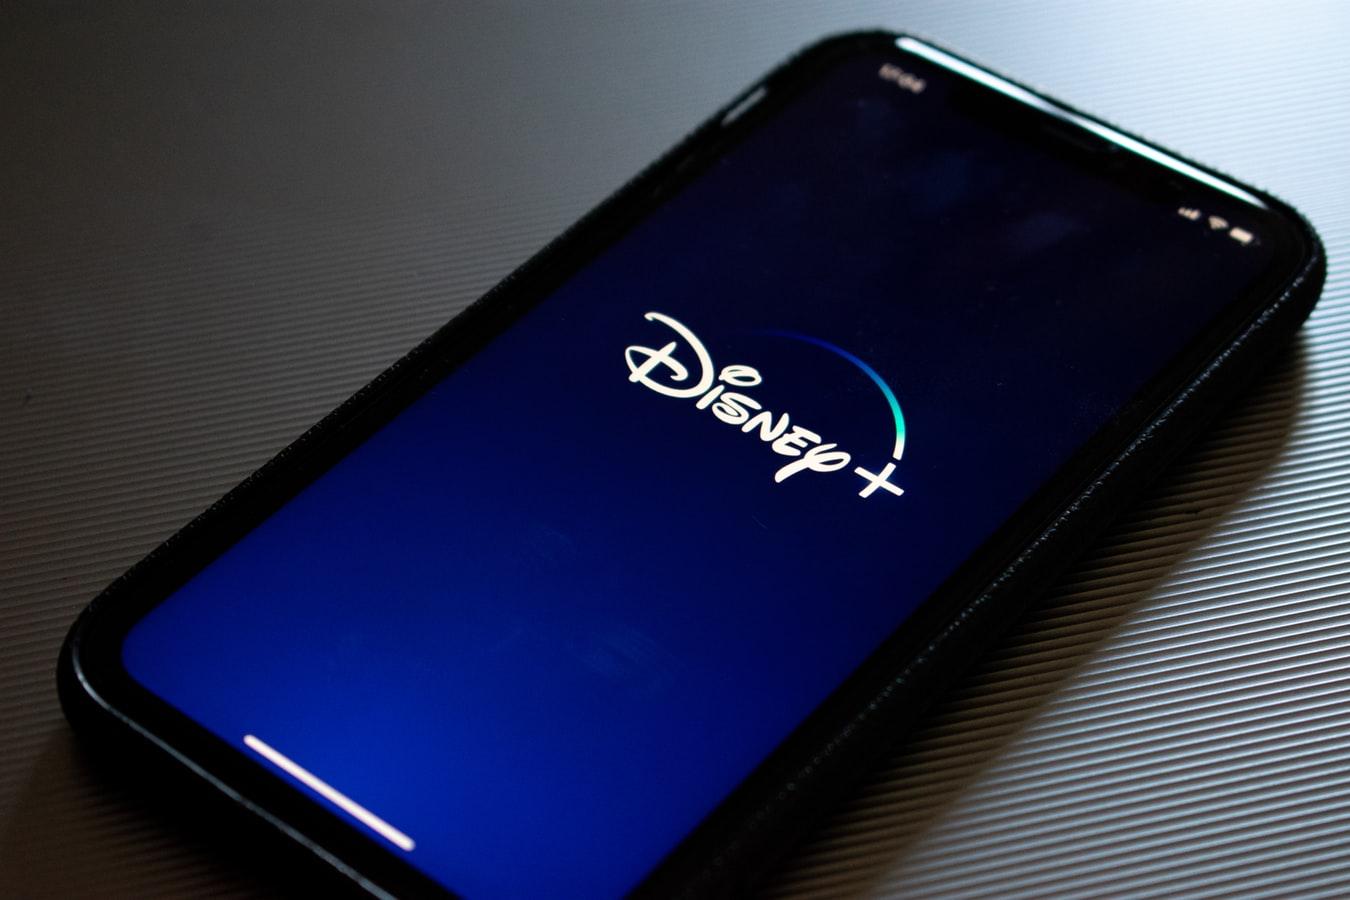 原訂2024年才有9000萬用戶訂閱…Disney+超狂只花半年就有5000萬粉原因曝光!